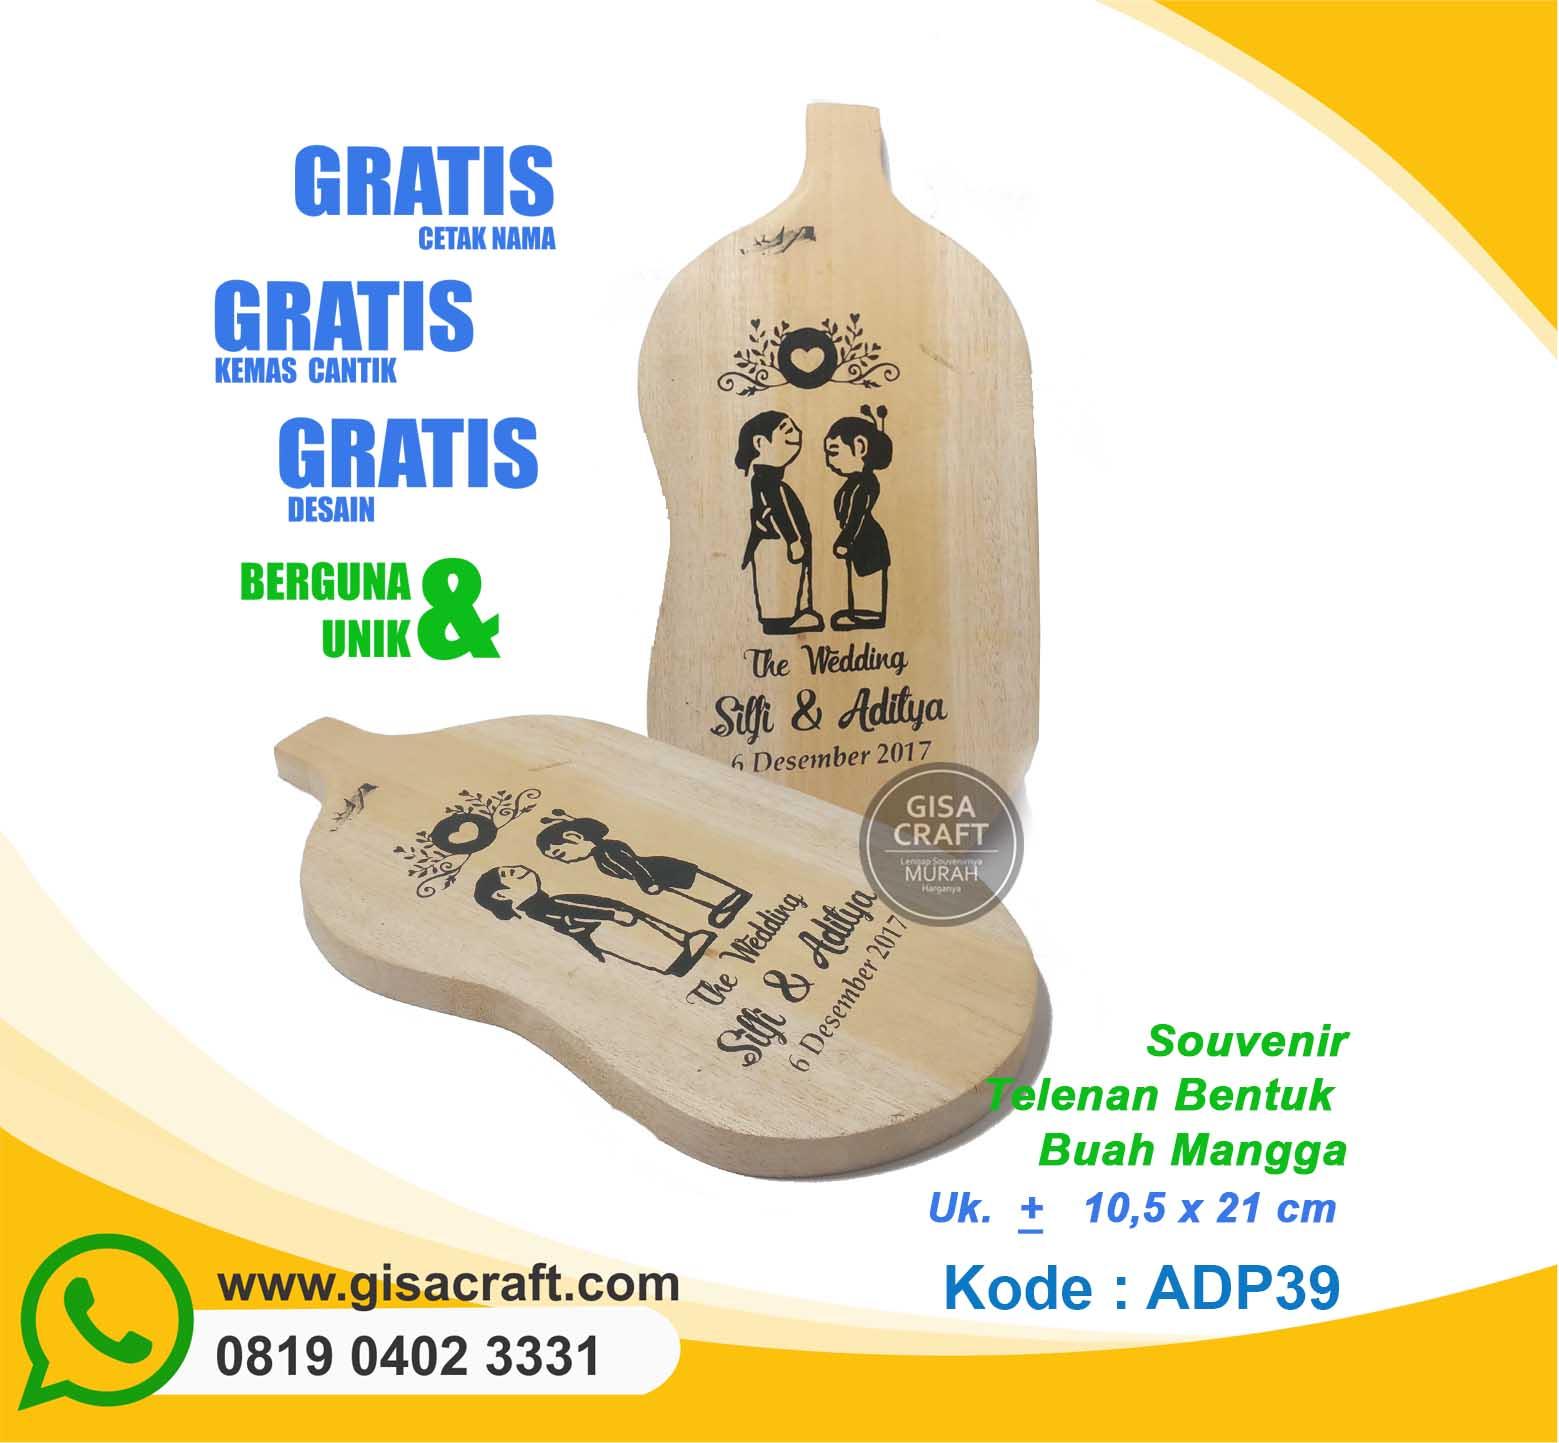 Souvenir Talenan Bentuk Buah Mangga ADP39